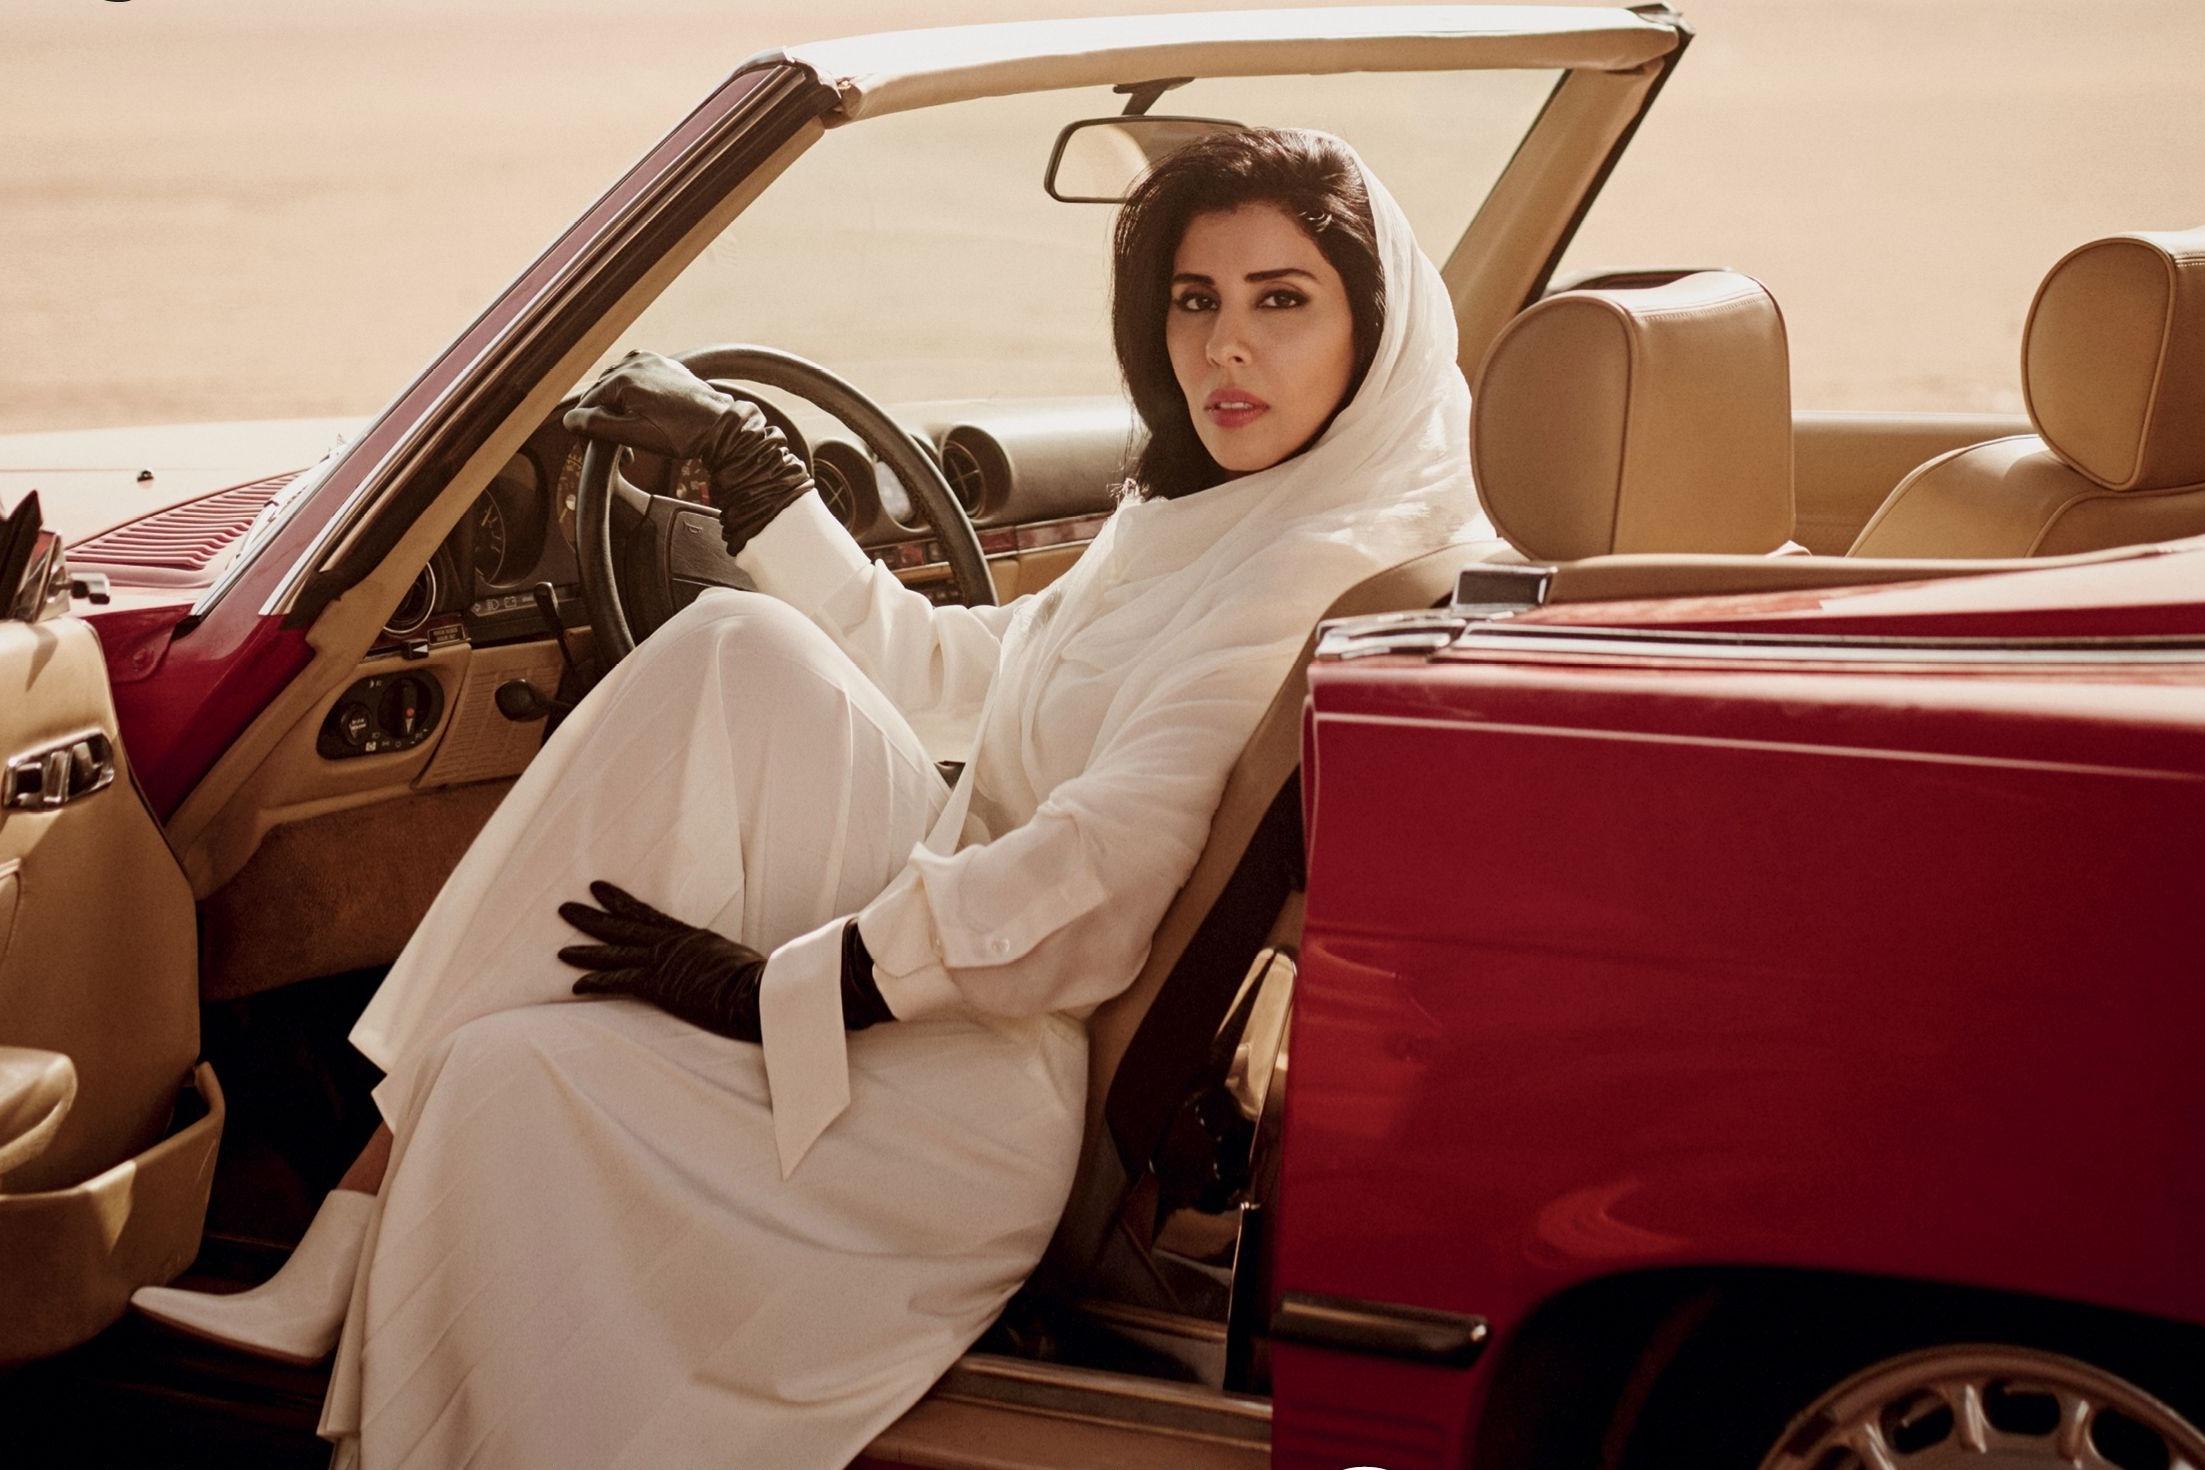 La princesse Hayfa pose aux commandes d'une décapotable rouge. en Une de Vogue Arabia © Vogue Arabia